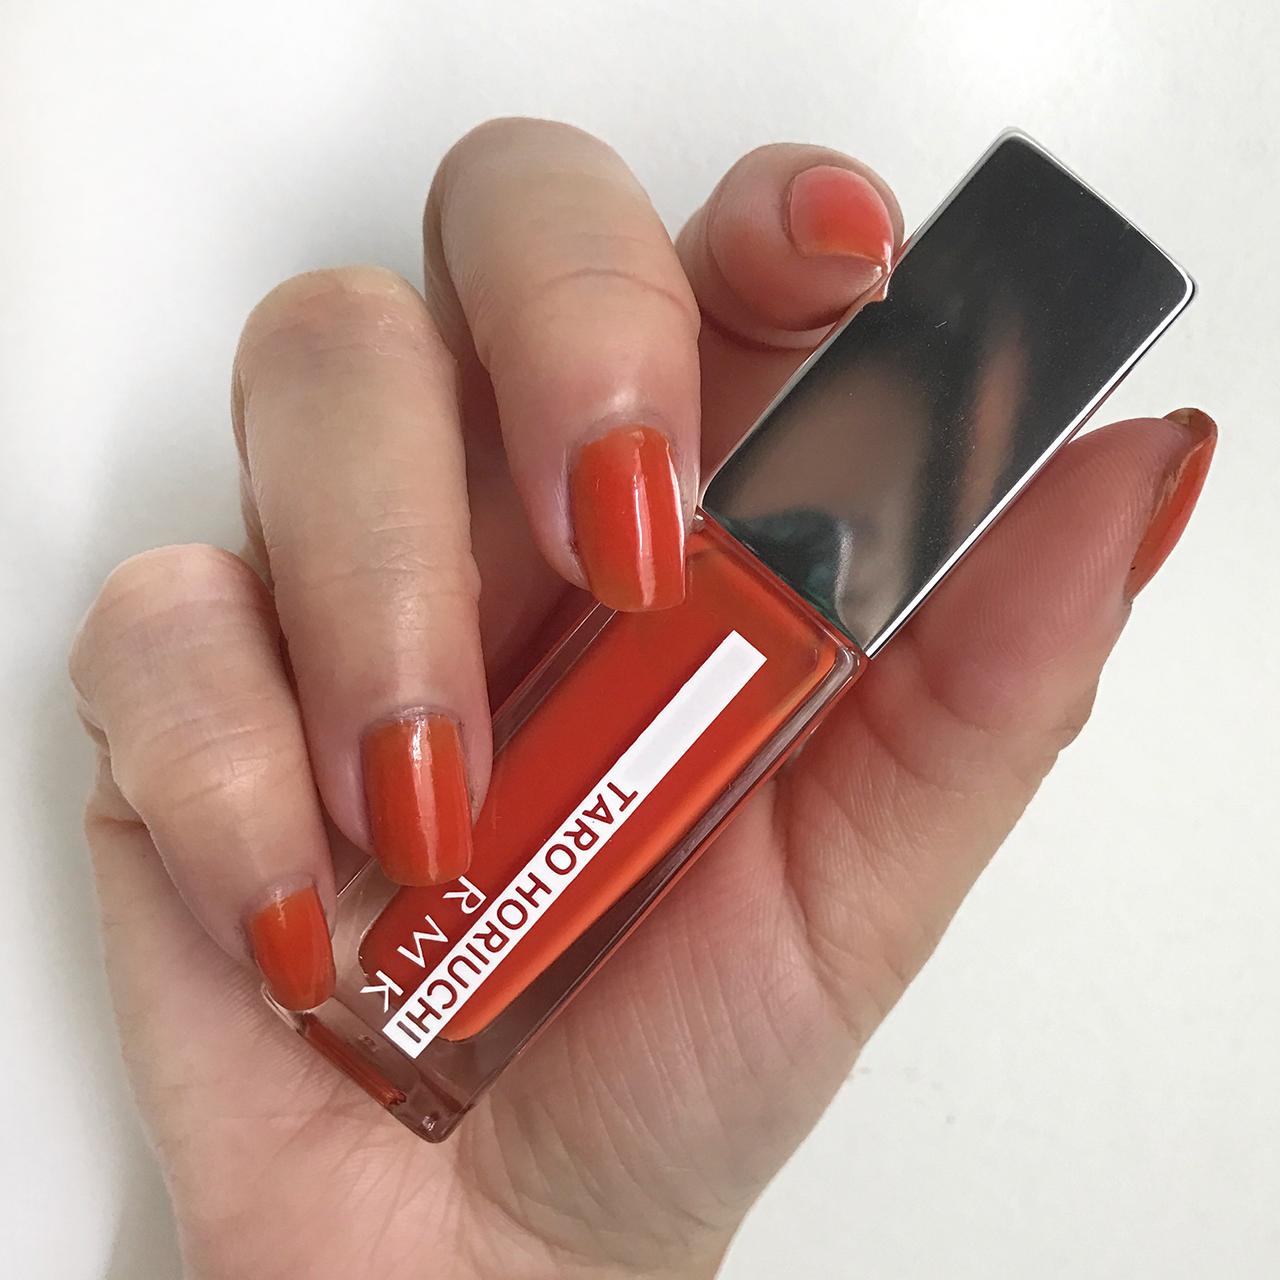 RMK FFFuture Nail Polish TH03 Orange